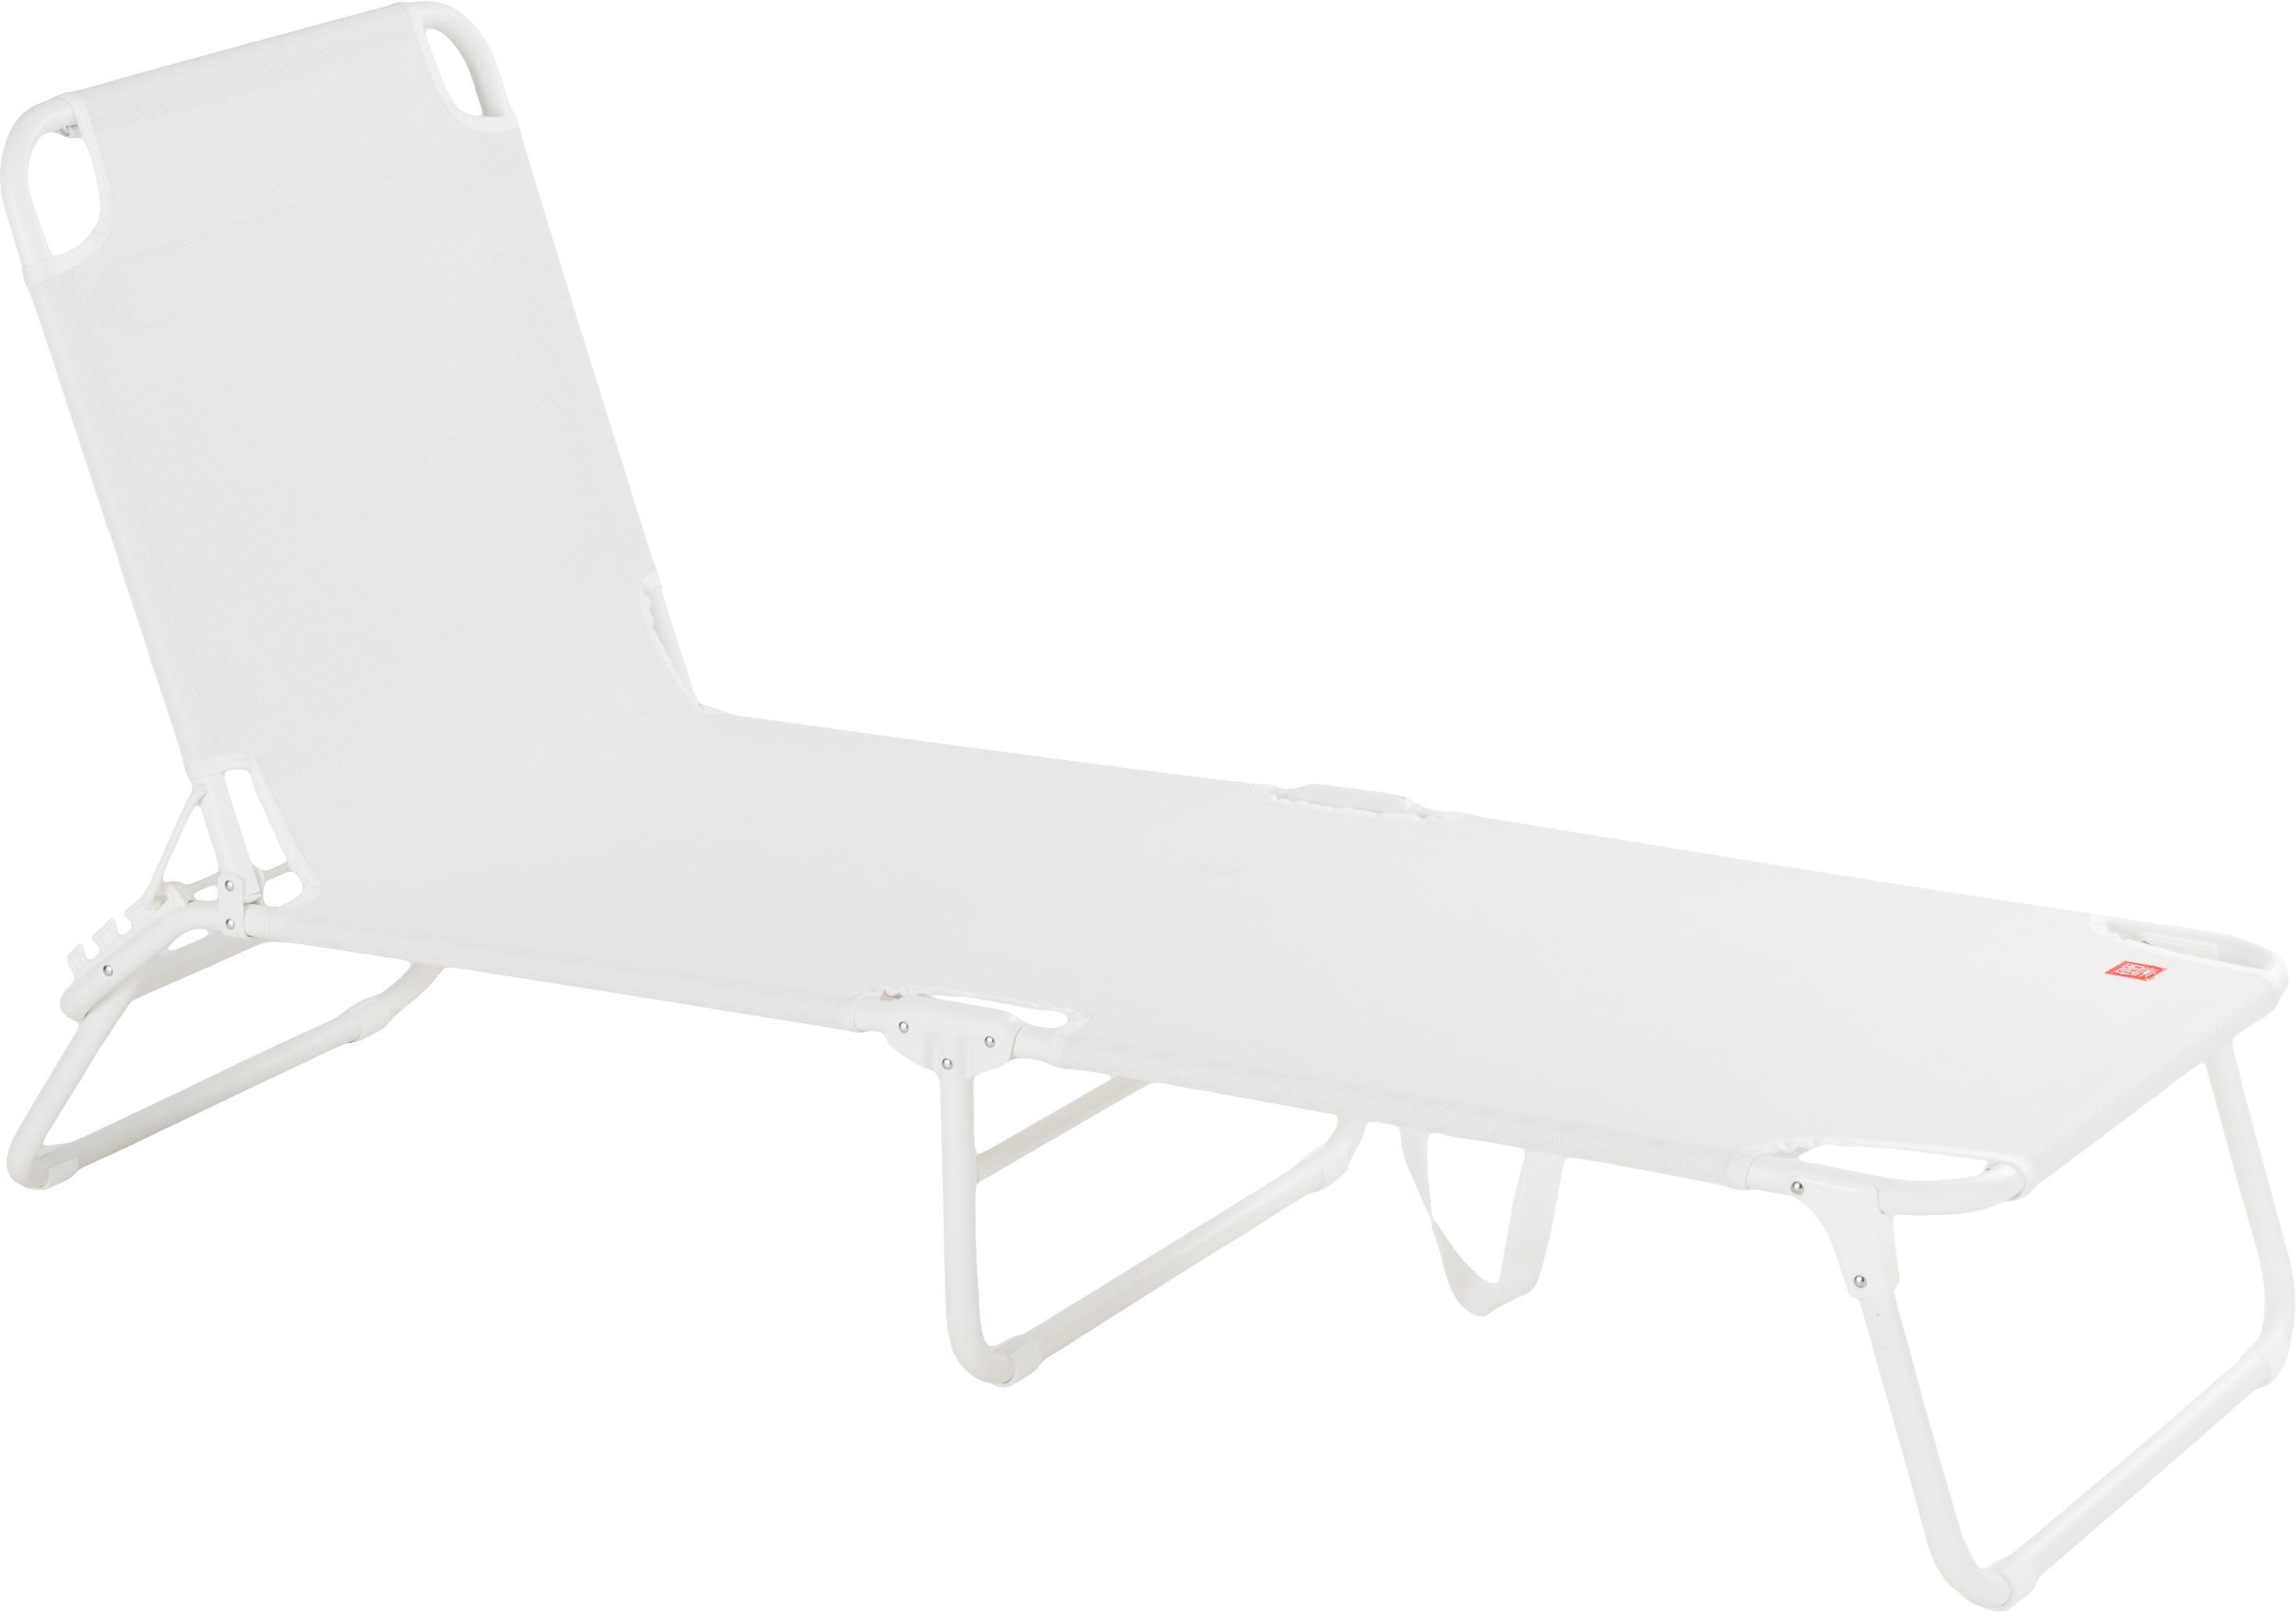 Tumbona Fiam Amigo, Estructura: aluminio, Blanco, L 190 x An 58 cm